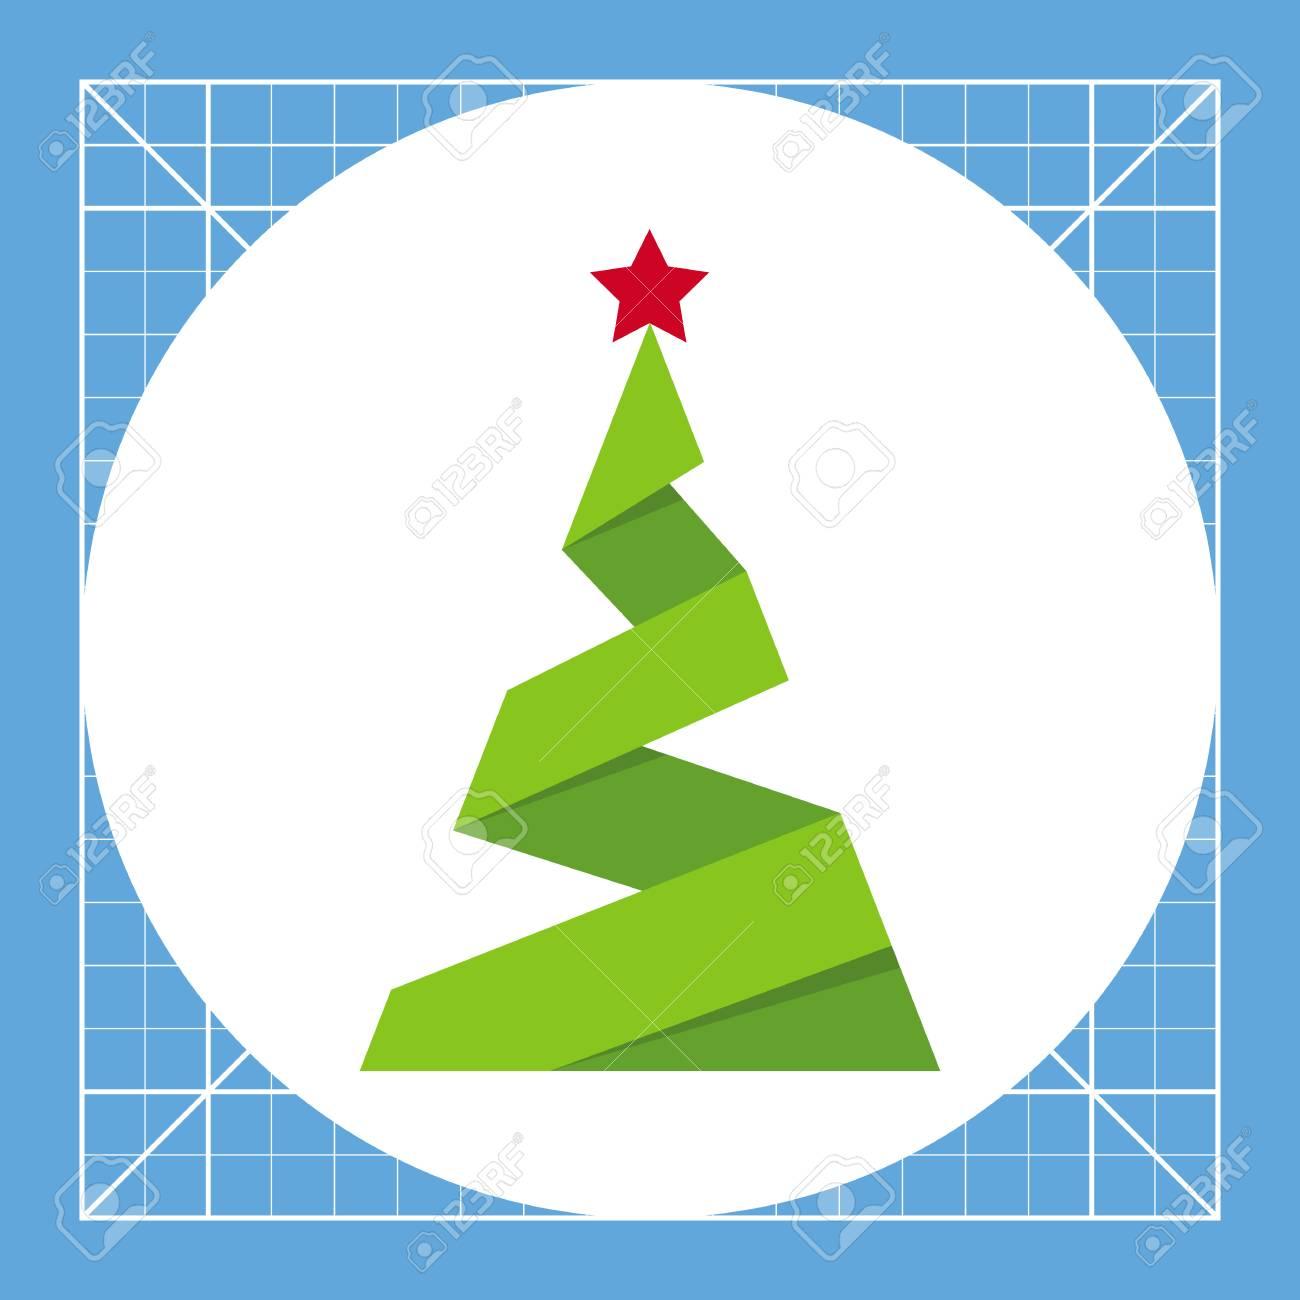 Sapin En Papier Avec étoile Nouvel An Plante Décoration Concept Darbre De Noël Peut être Utilisé Pour Des Sujets Comme Lorigami Noël Nouvel